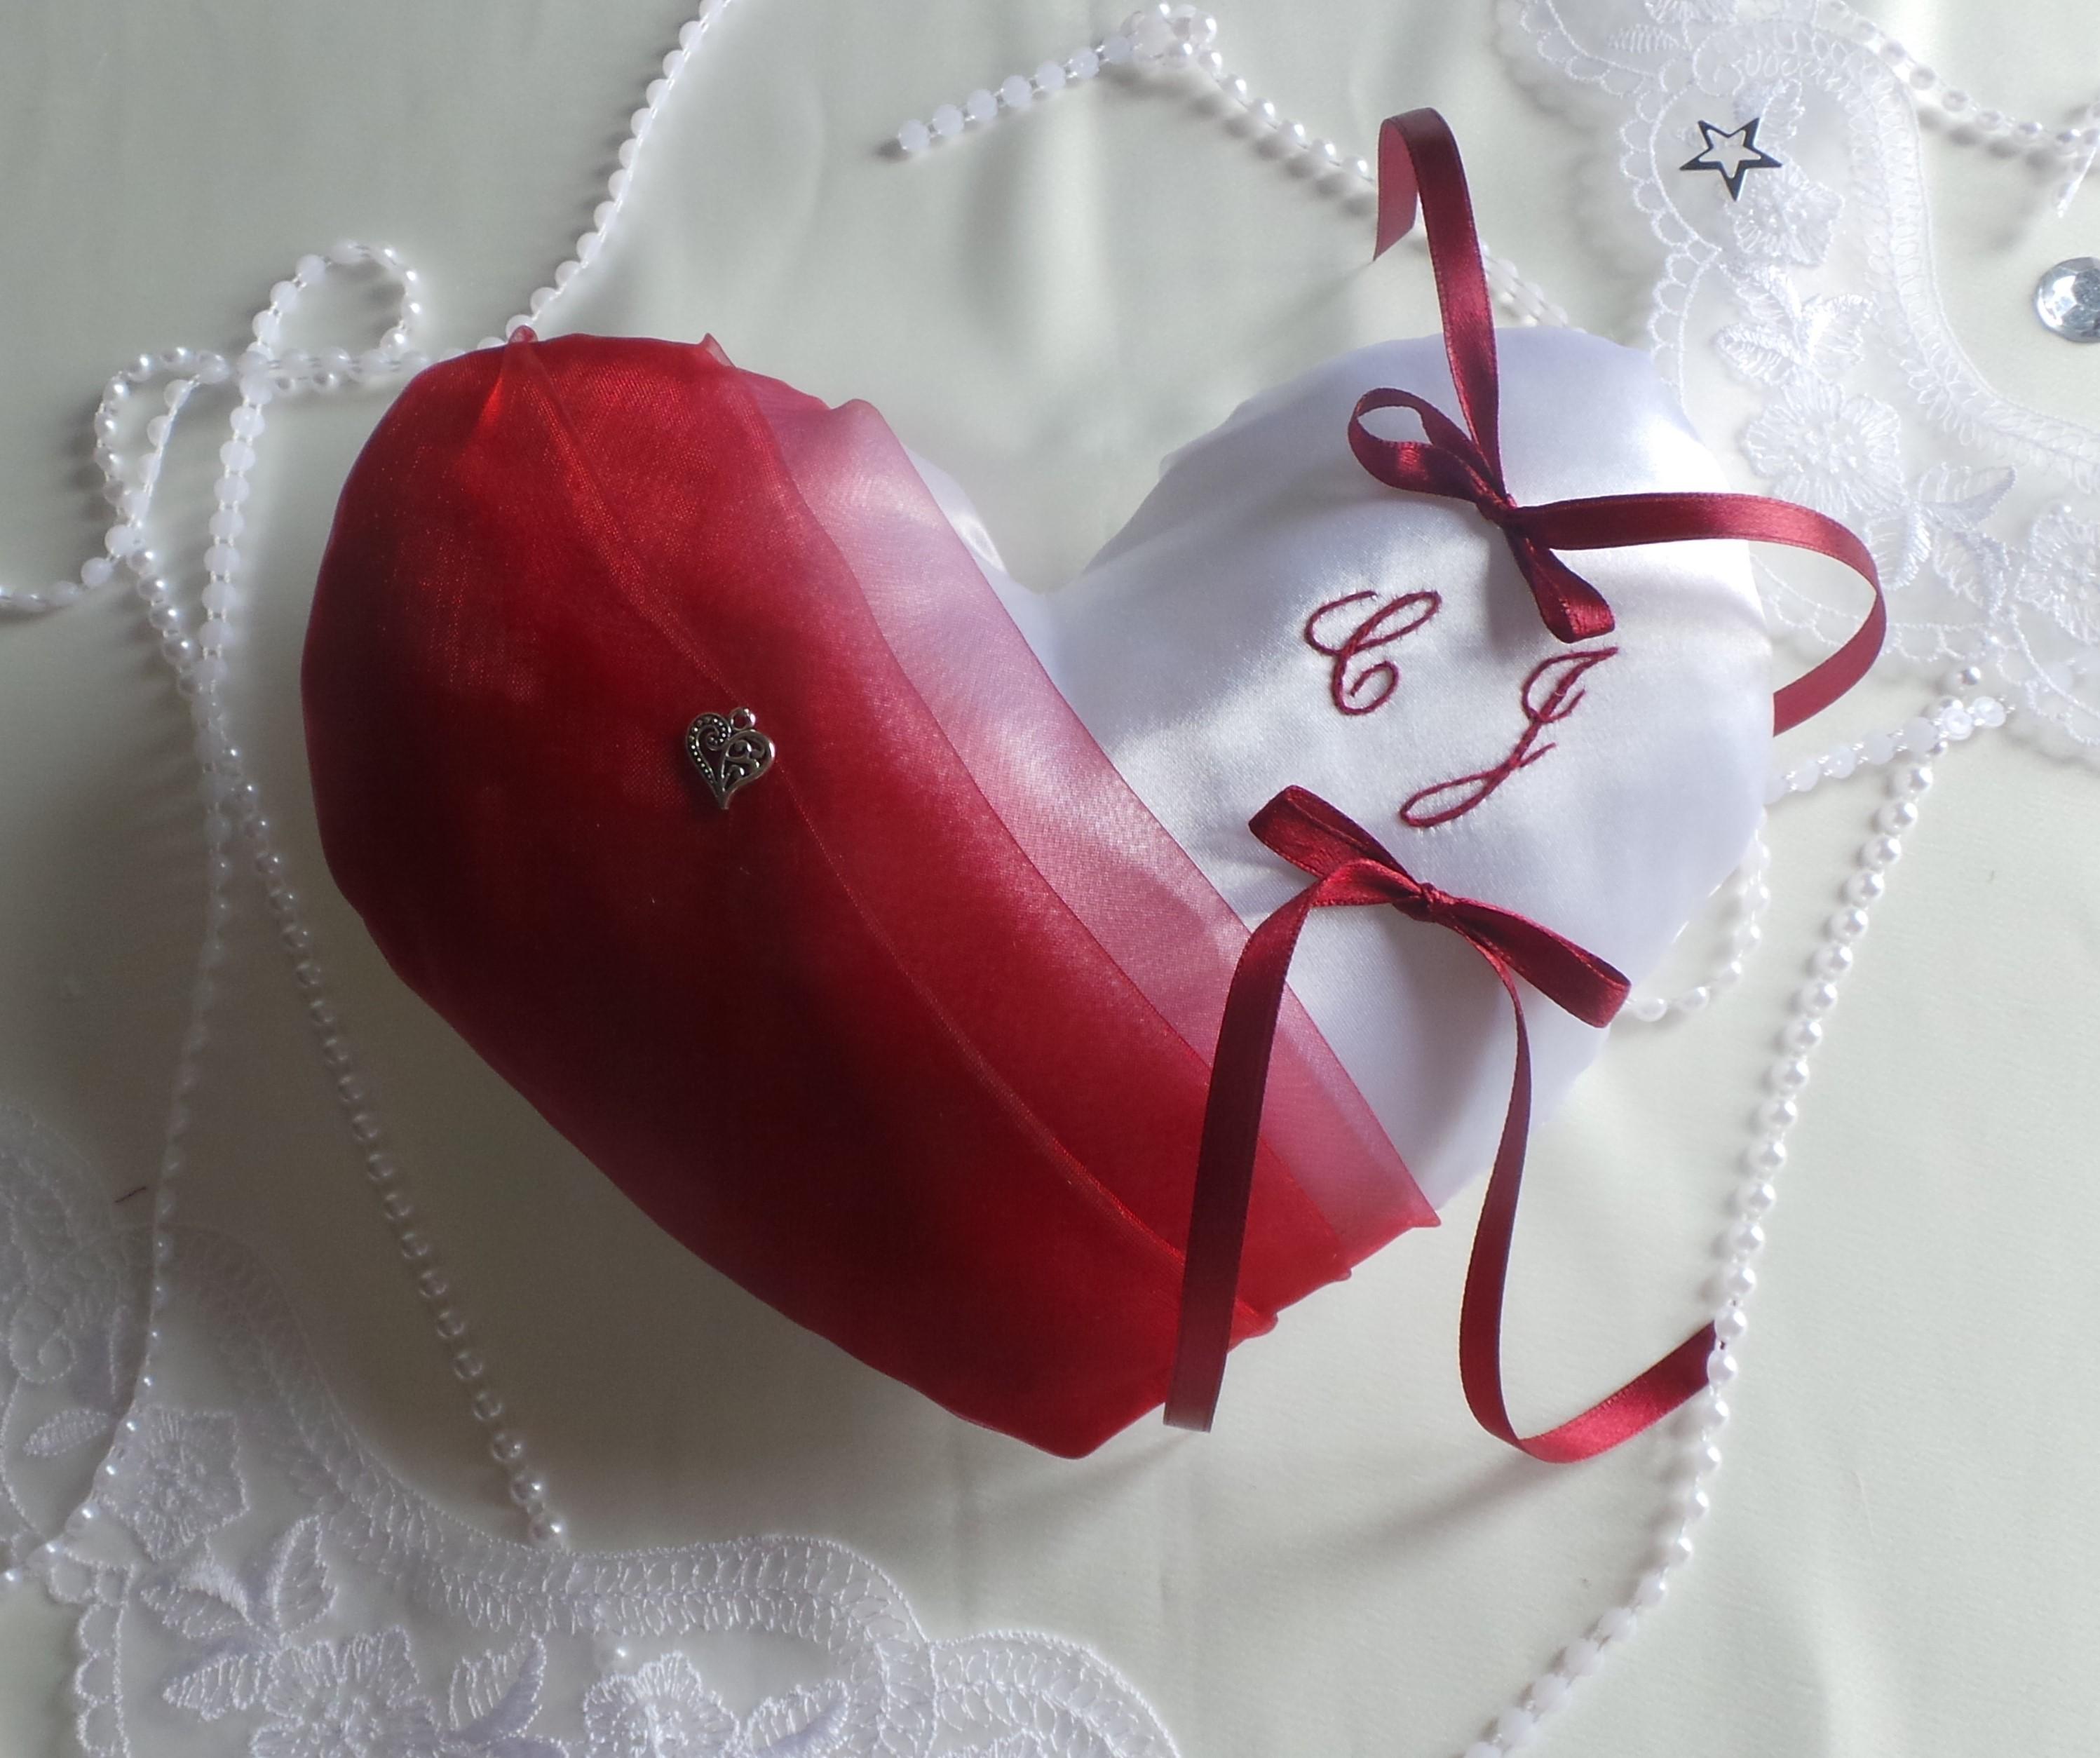 Coussin alliance personnalise forme coeur bordeaux et blanc